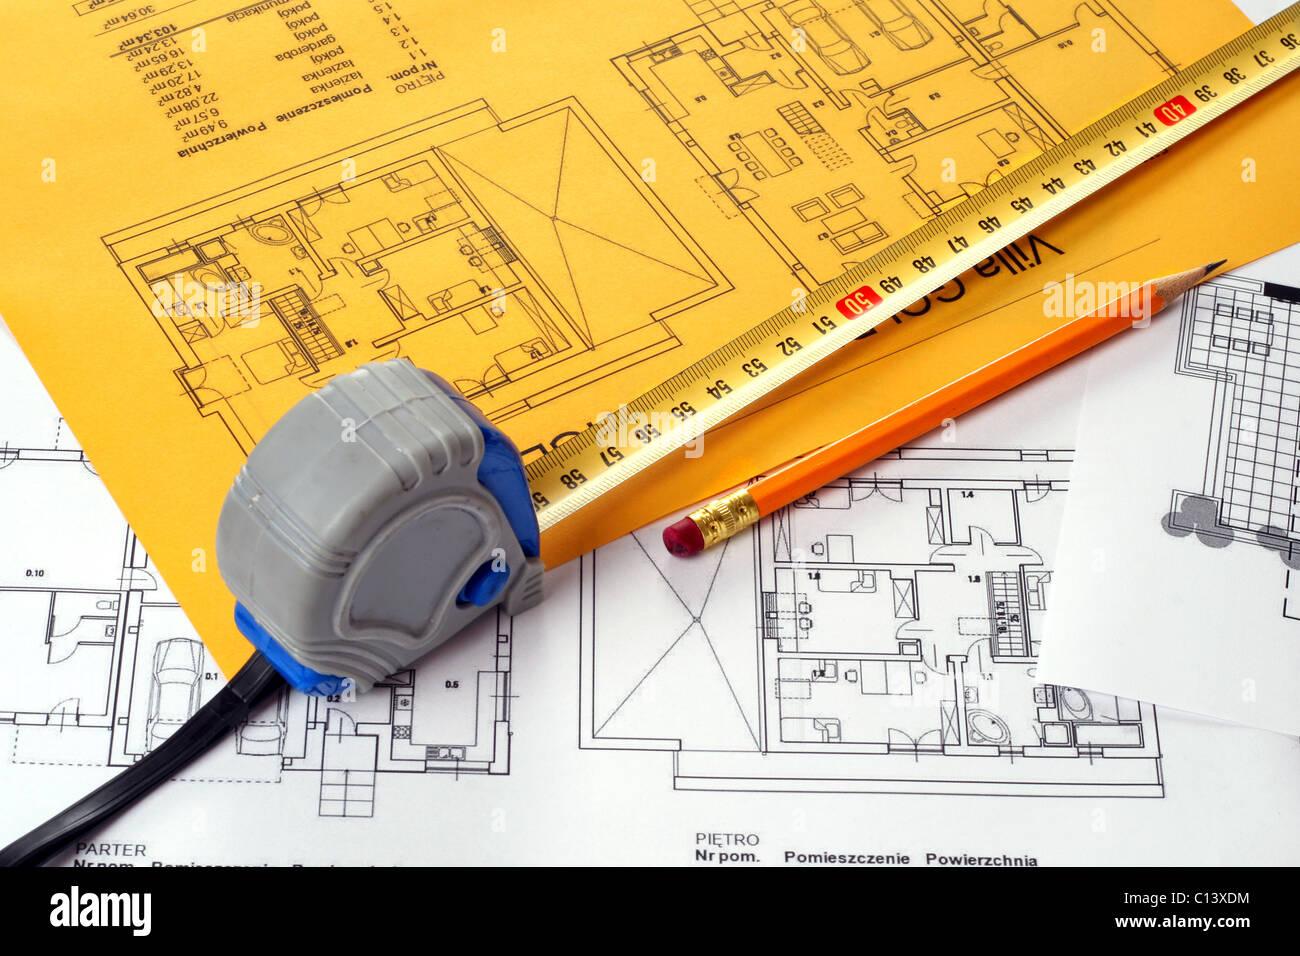 Un ruban à mesurer et un crayon sur un plan d'étage blue print. Impression sur feuille de papier jaune Photo Stock